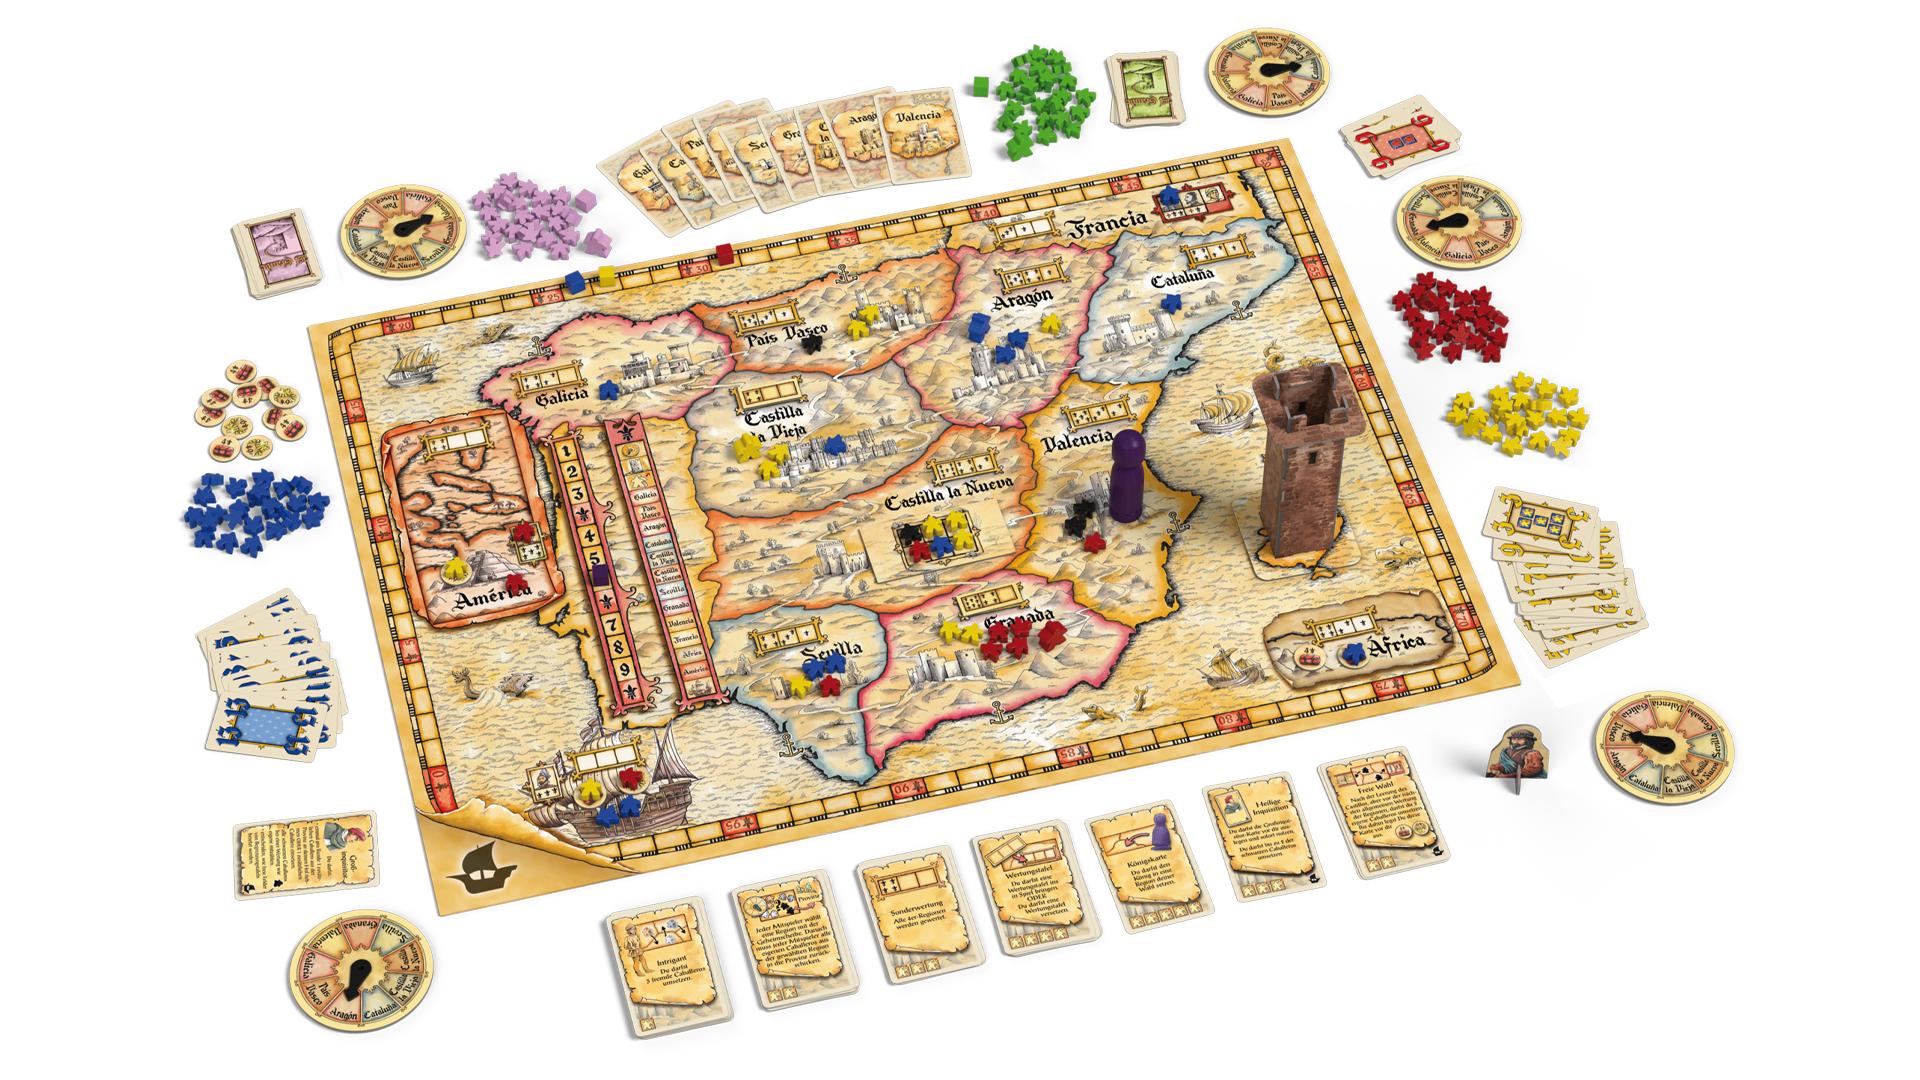 el-grande-board-game-gameplay-layout.png